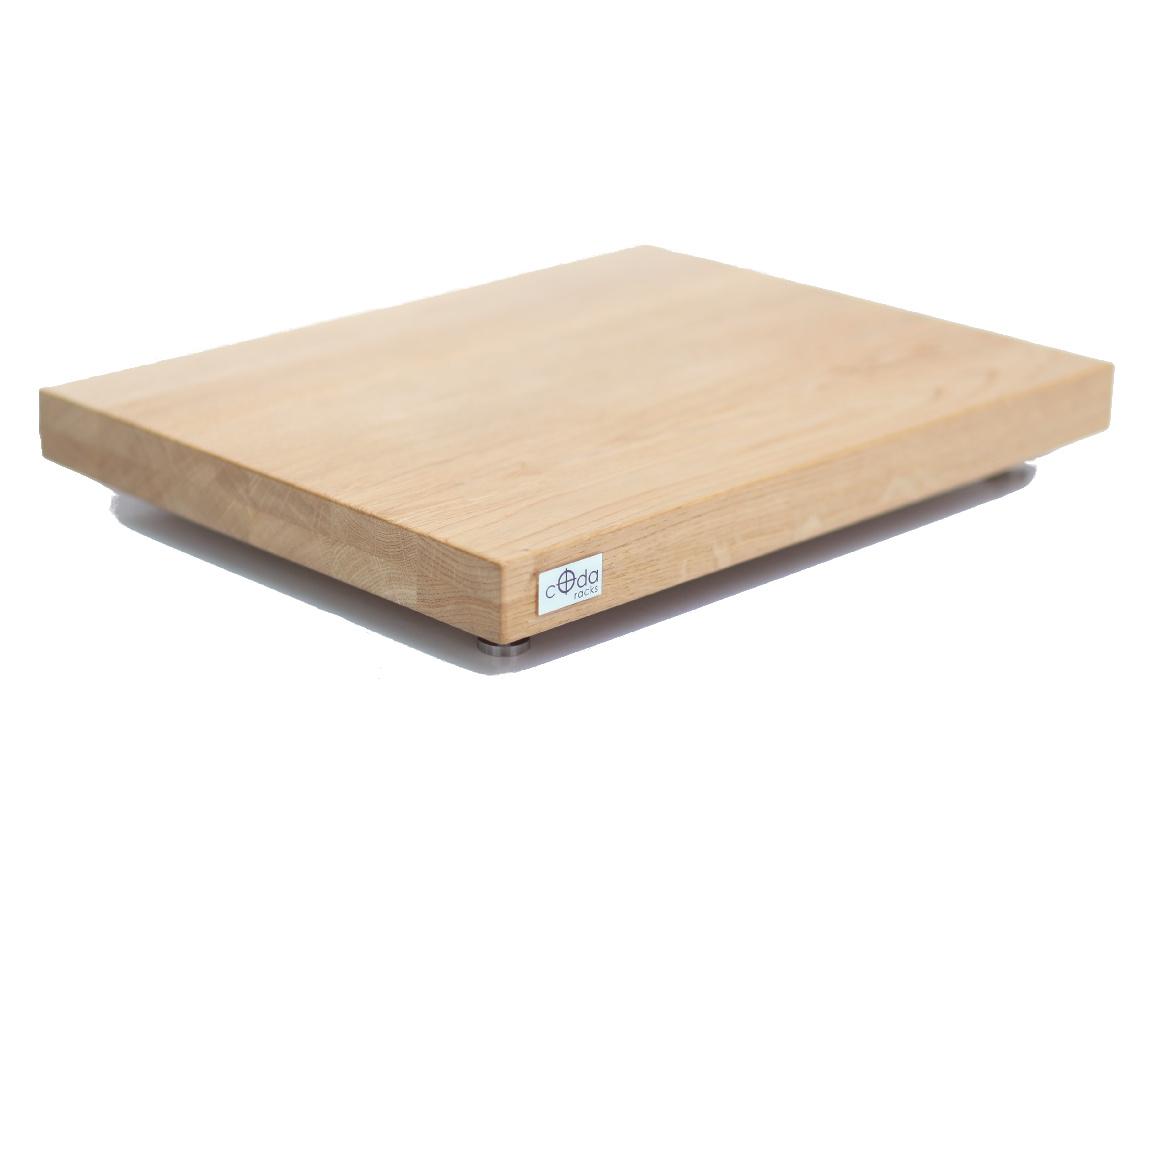 Аксессуары для мебели Coda racks Podium oak